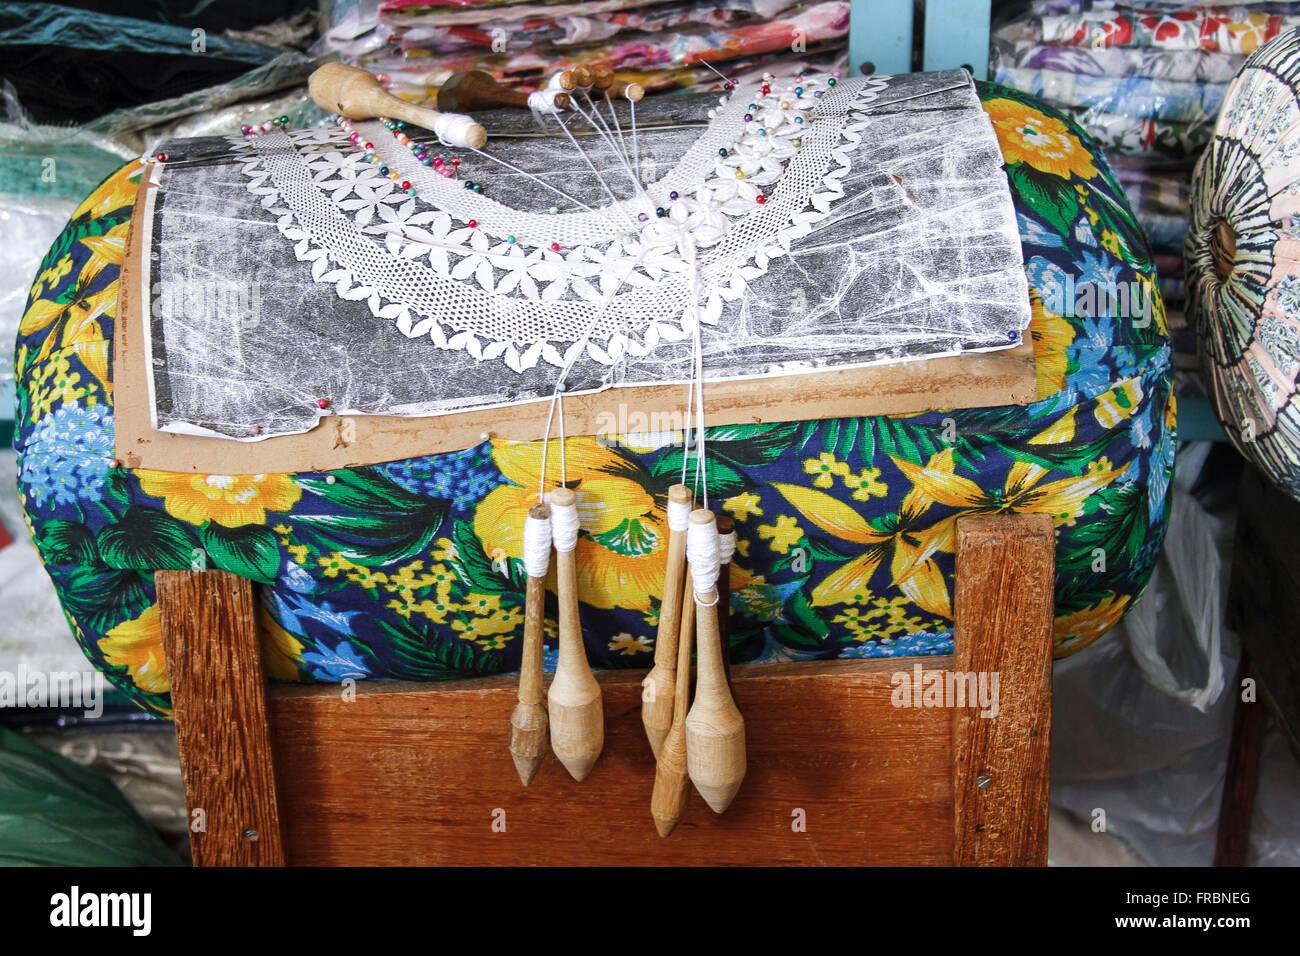 Bobbin lace in the village of Lagoa da Conceicao - Stock Image